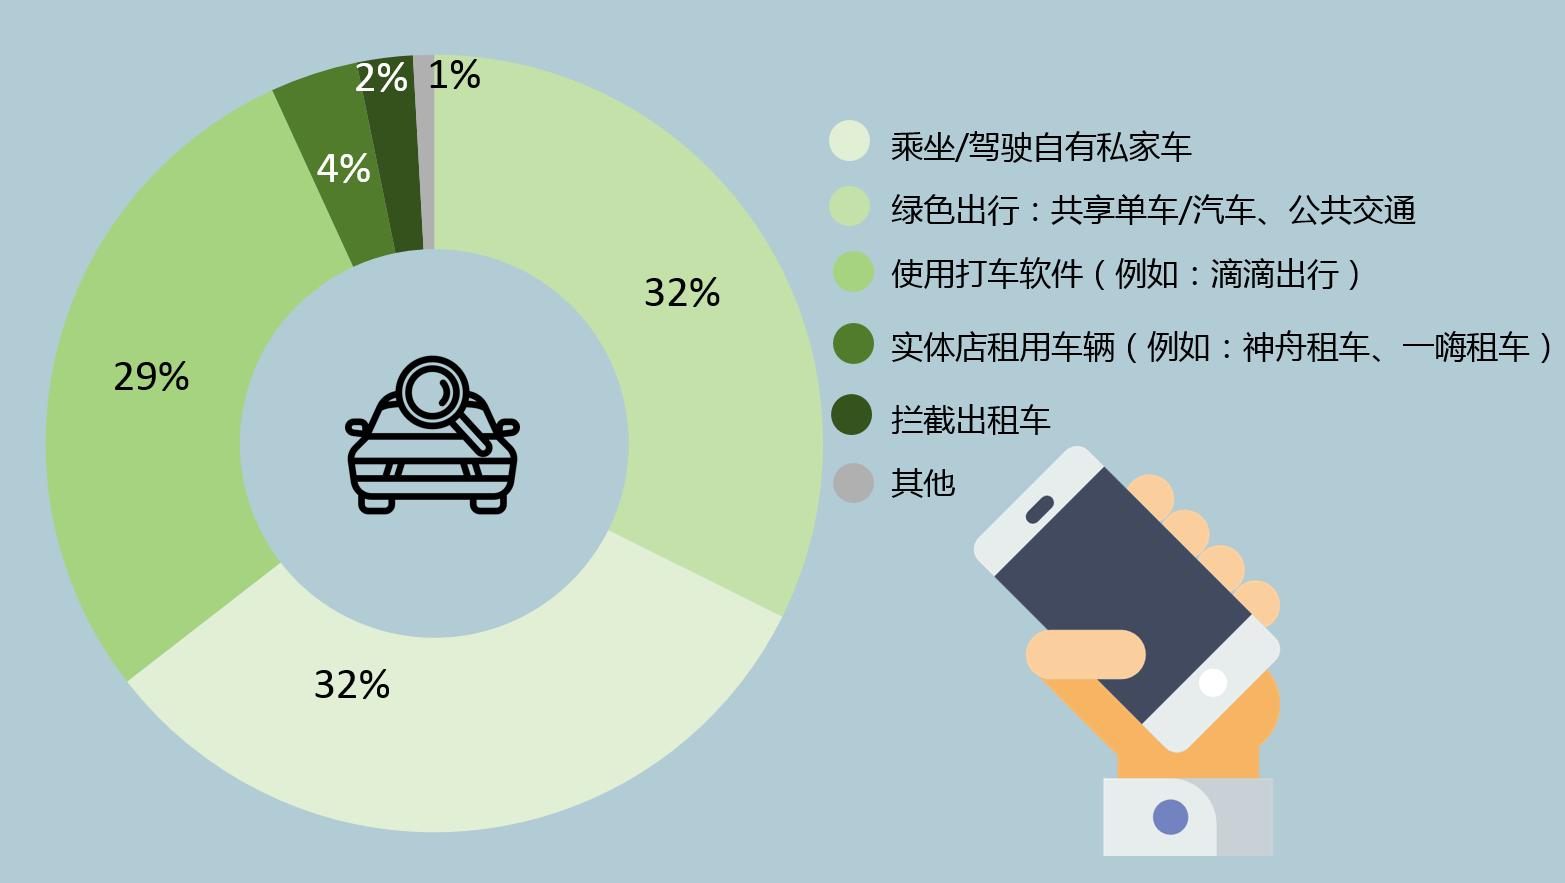 J.D. Power调查发现,32%的受访消费者倾向于选择共享汽车、共享单车、公共交通等绿色出行方式,数据来源:2017 J.D. Power 中国消费者打车软件使用情况调查